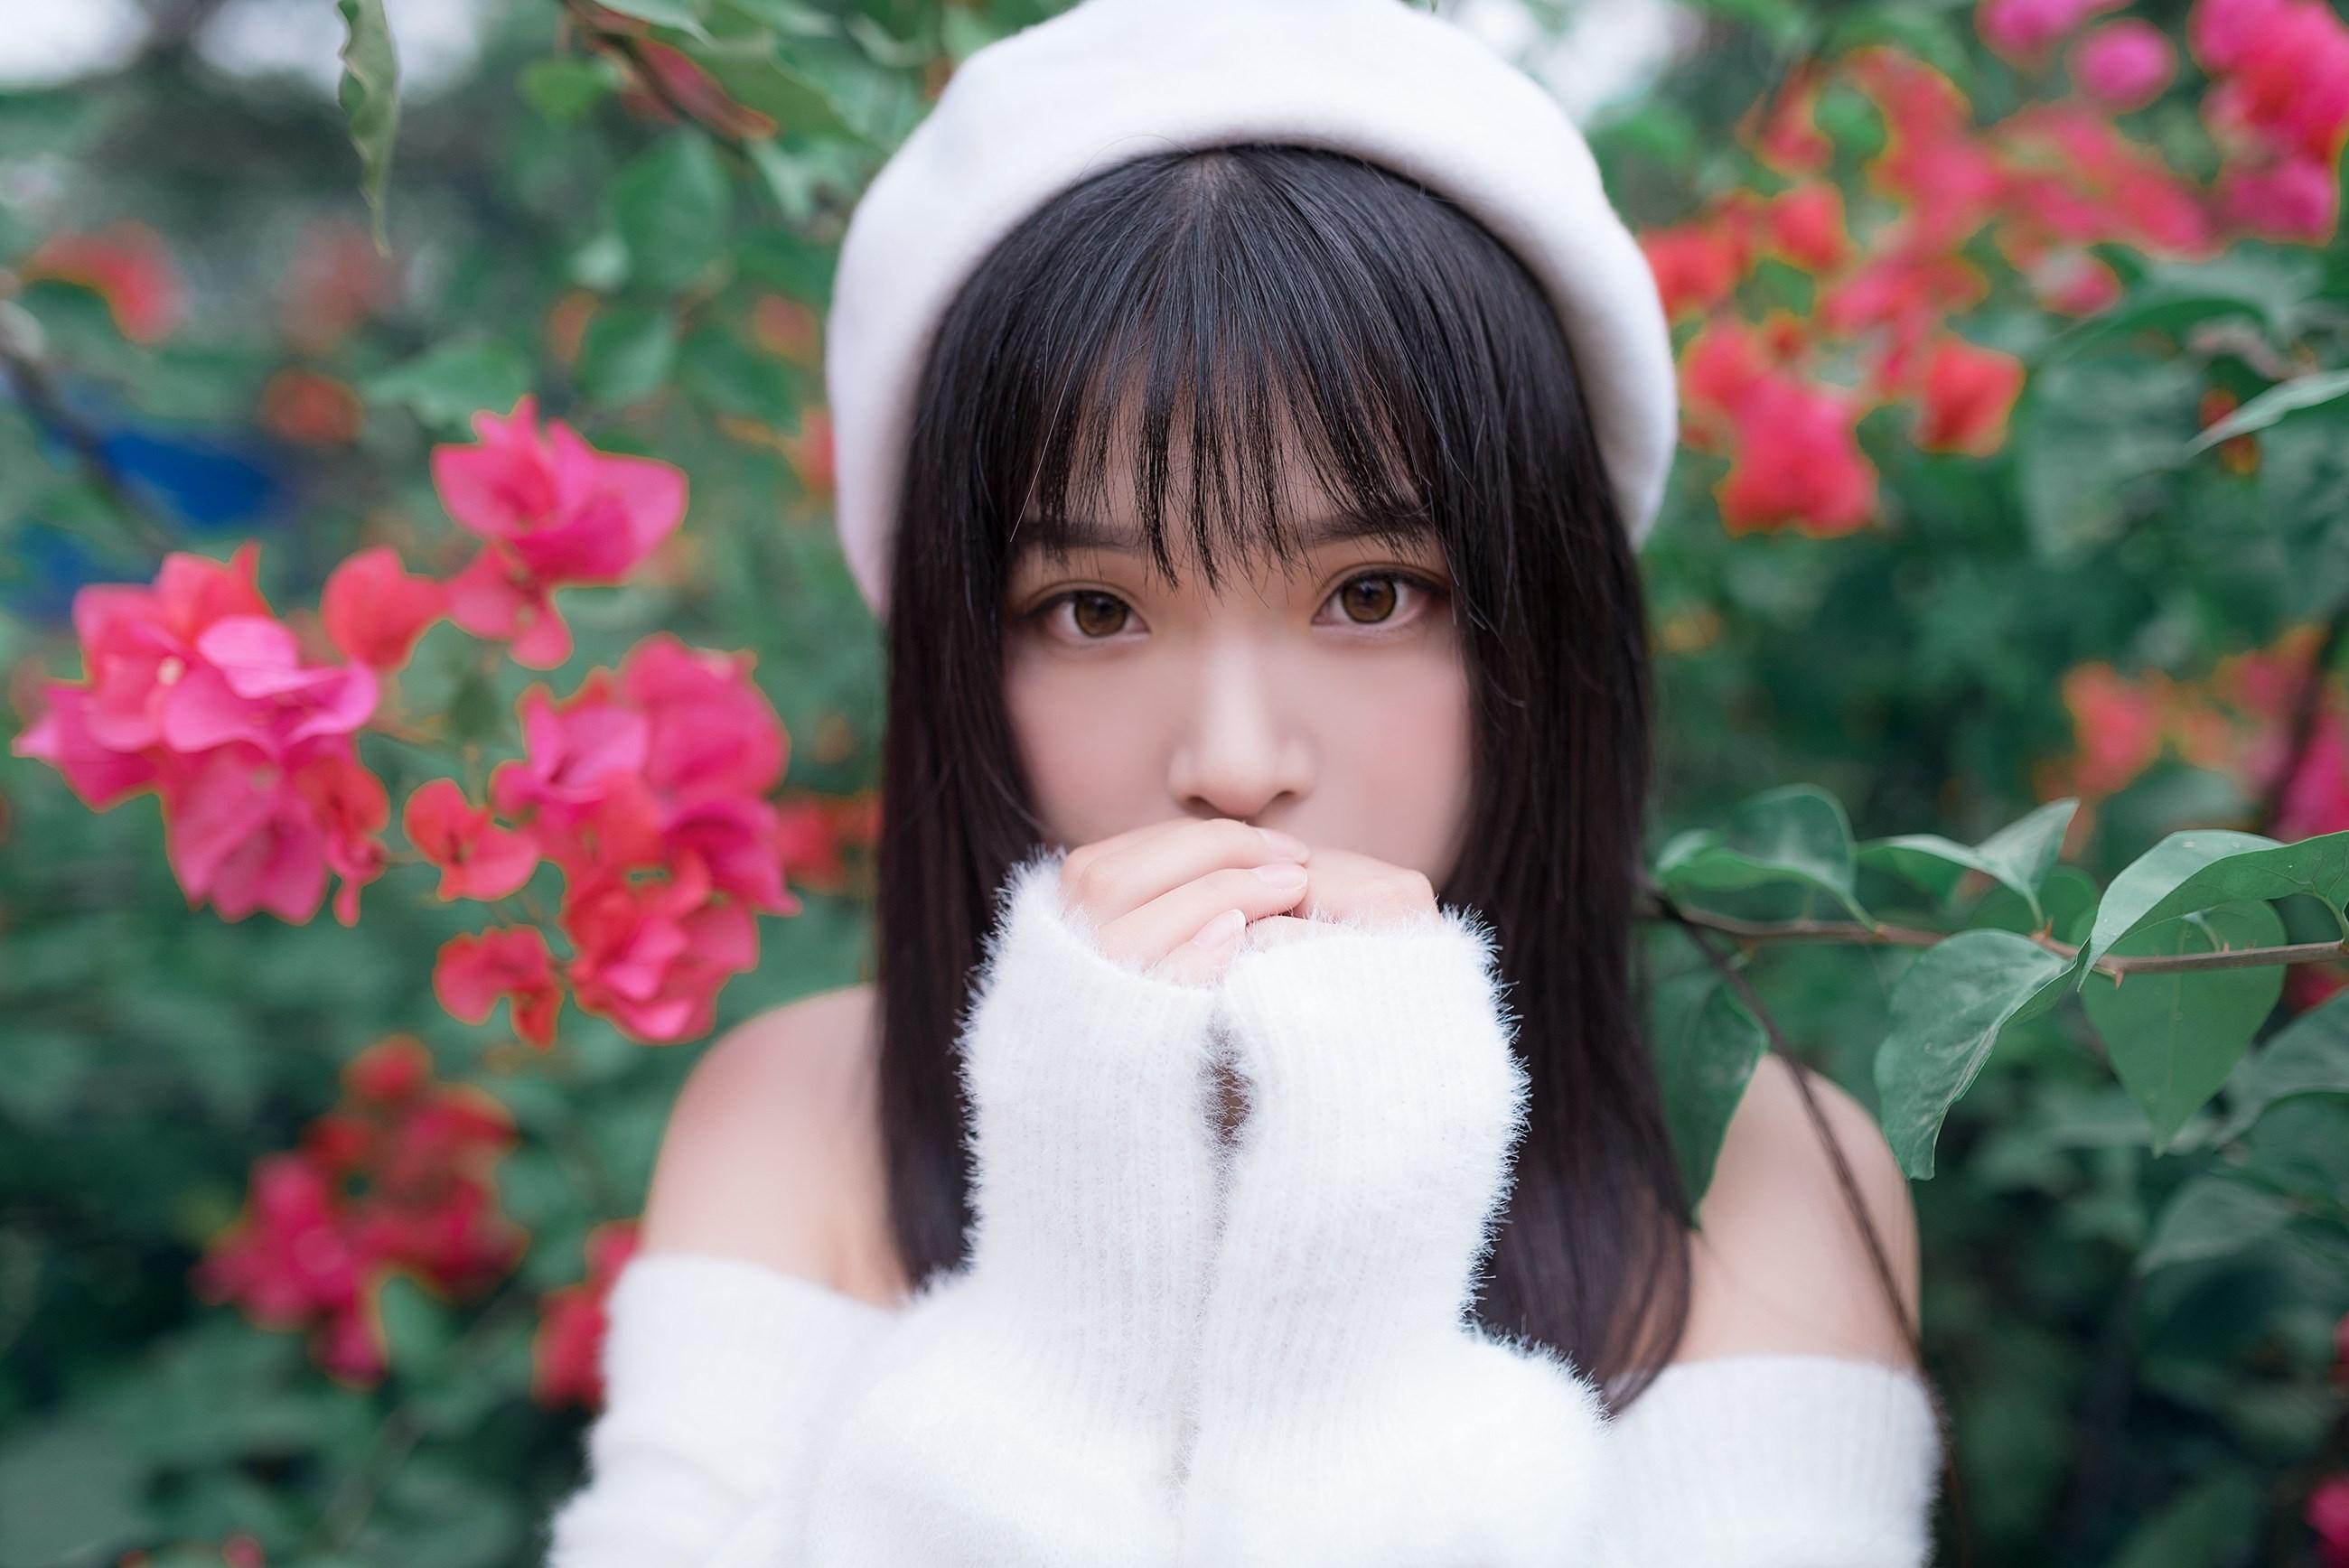 【兔玩映画】肩上的花 兔玩映画 第29张